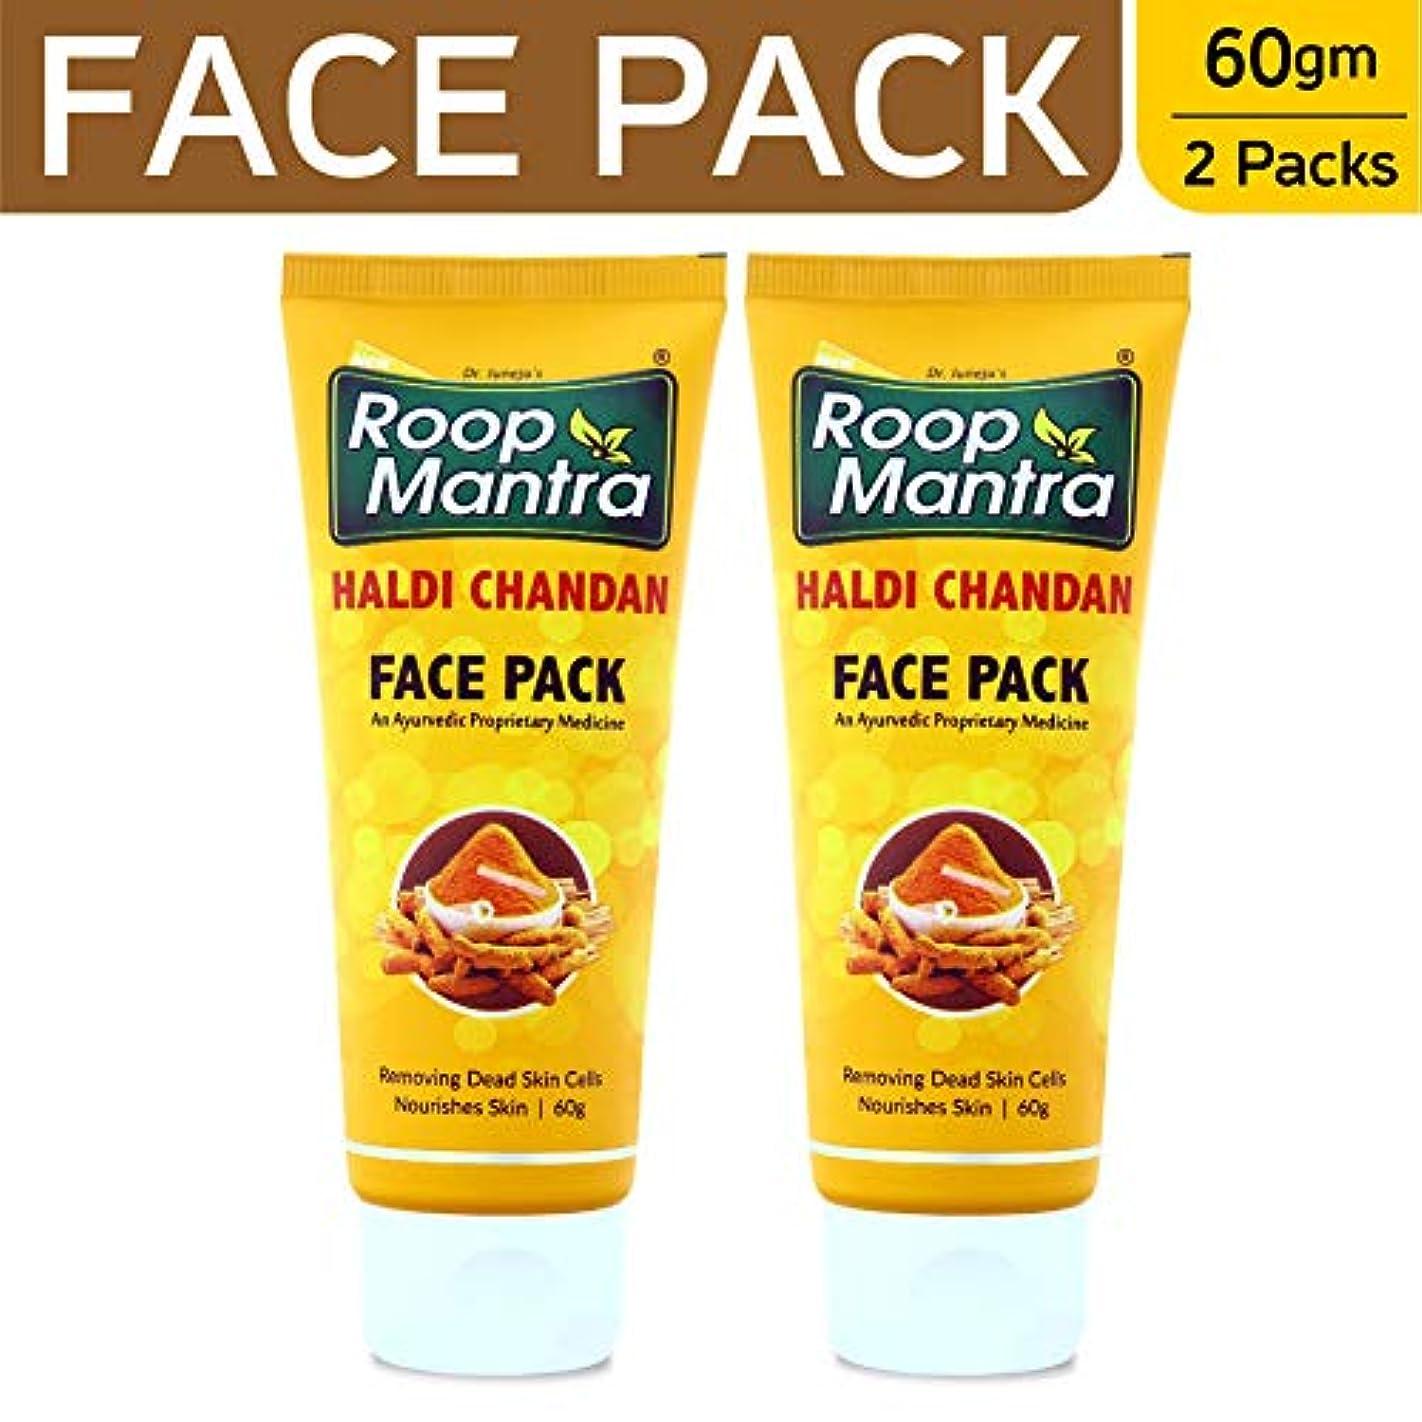 適応的履歴書スプレーRoop Mantra Haldi Chandan Face Pack, 60g (Pack of 2)